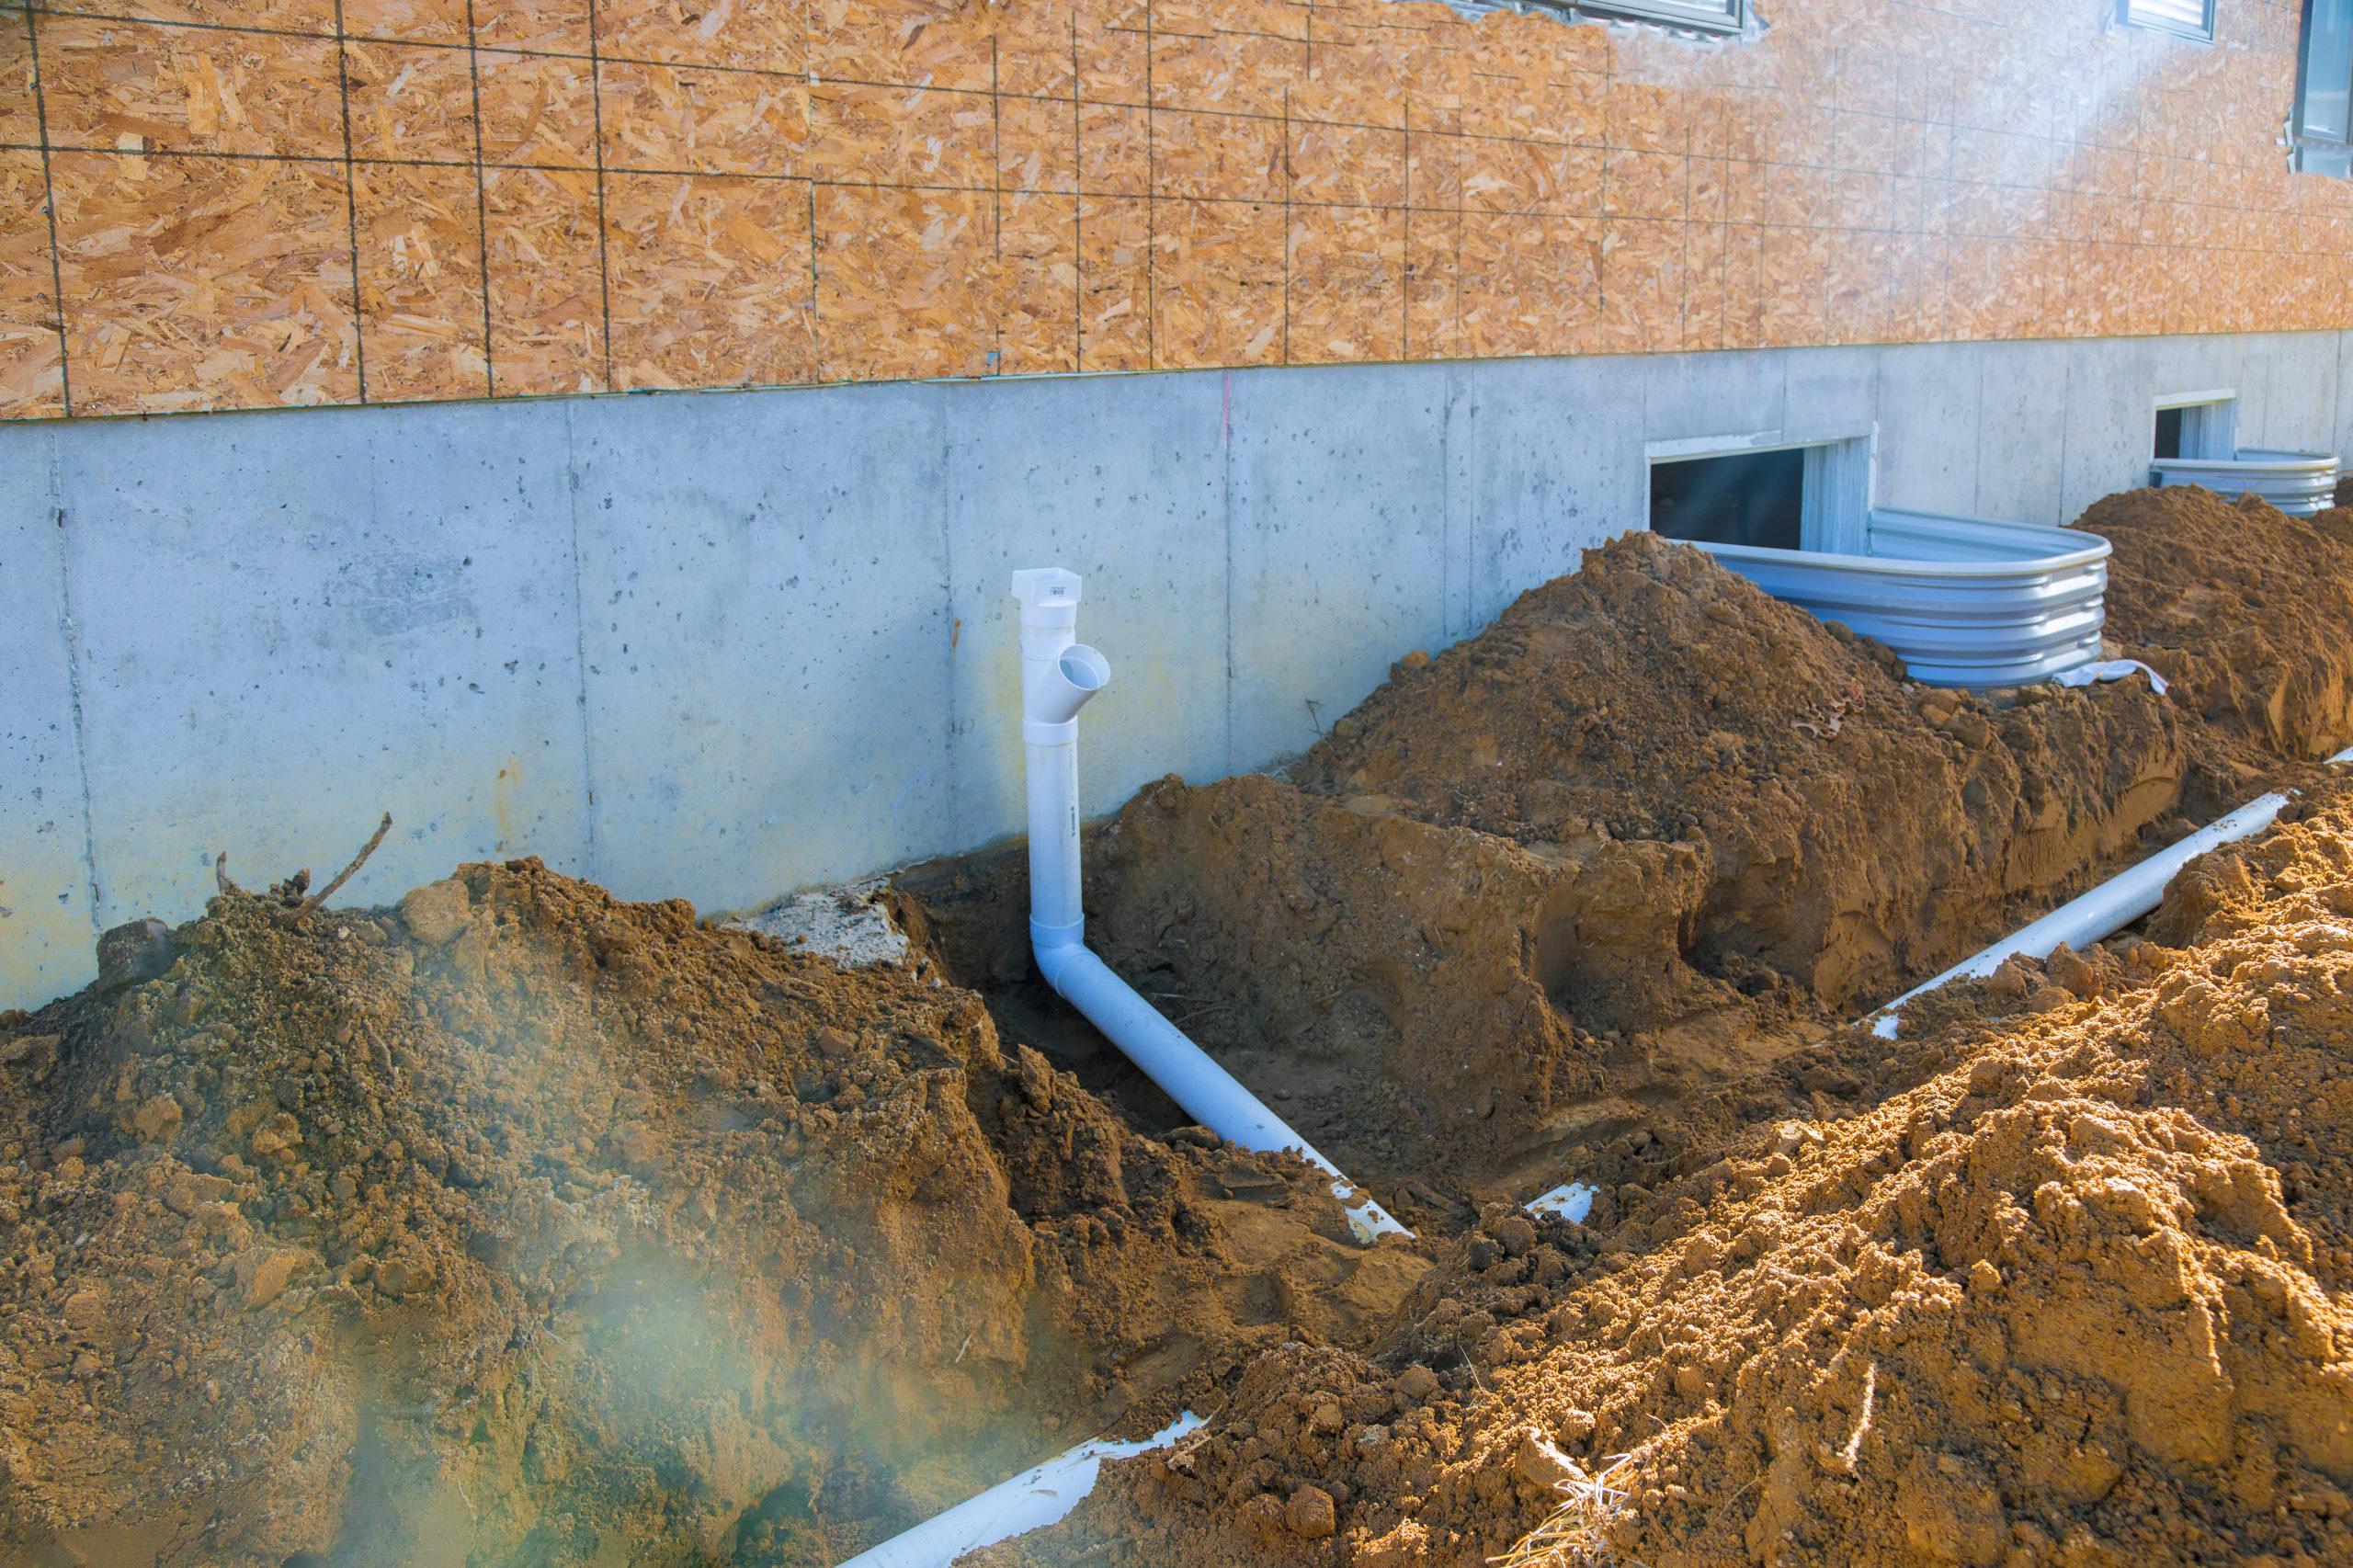 Какую канализационную систему устанавливать на участке с высоким уровнем грунтовых вод. Монтаж септика на участке с высоким уровнем грунтовых вод.